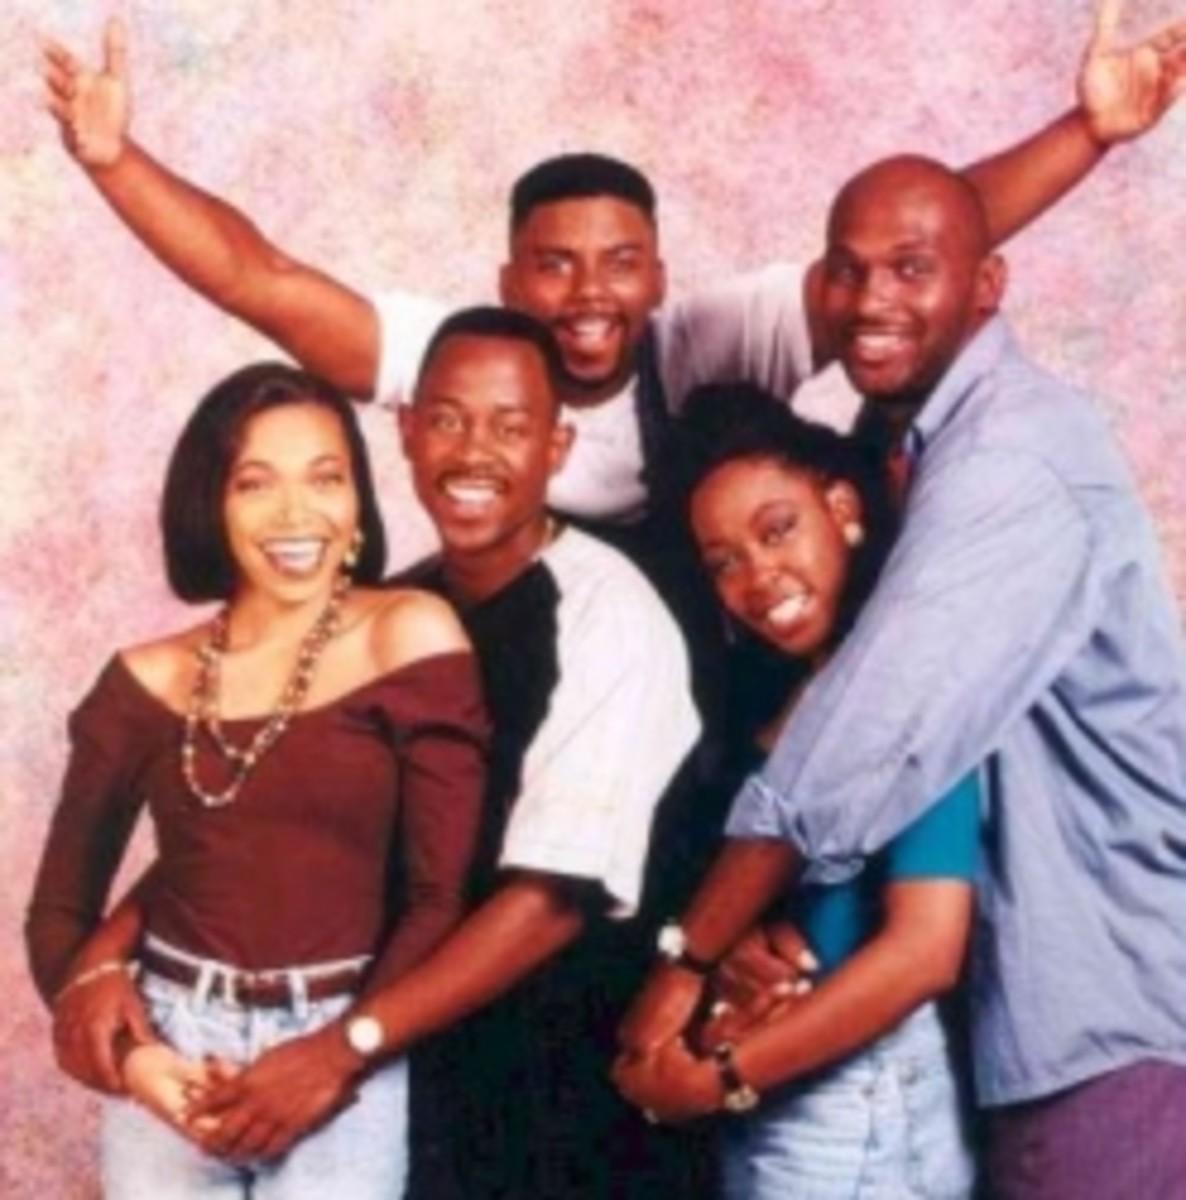 List of Black Cast TV Shows - Martin Show